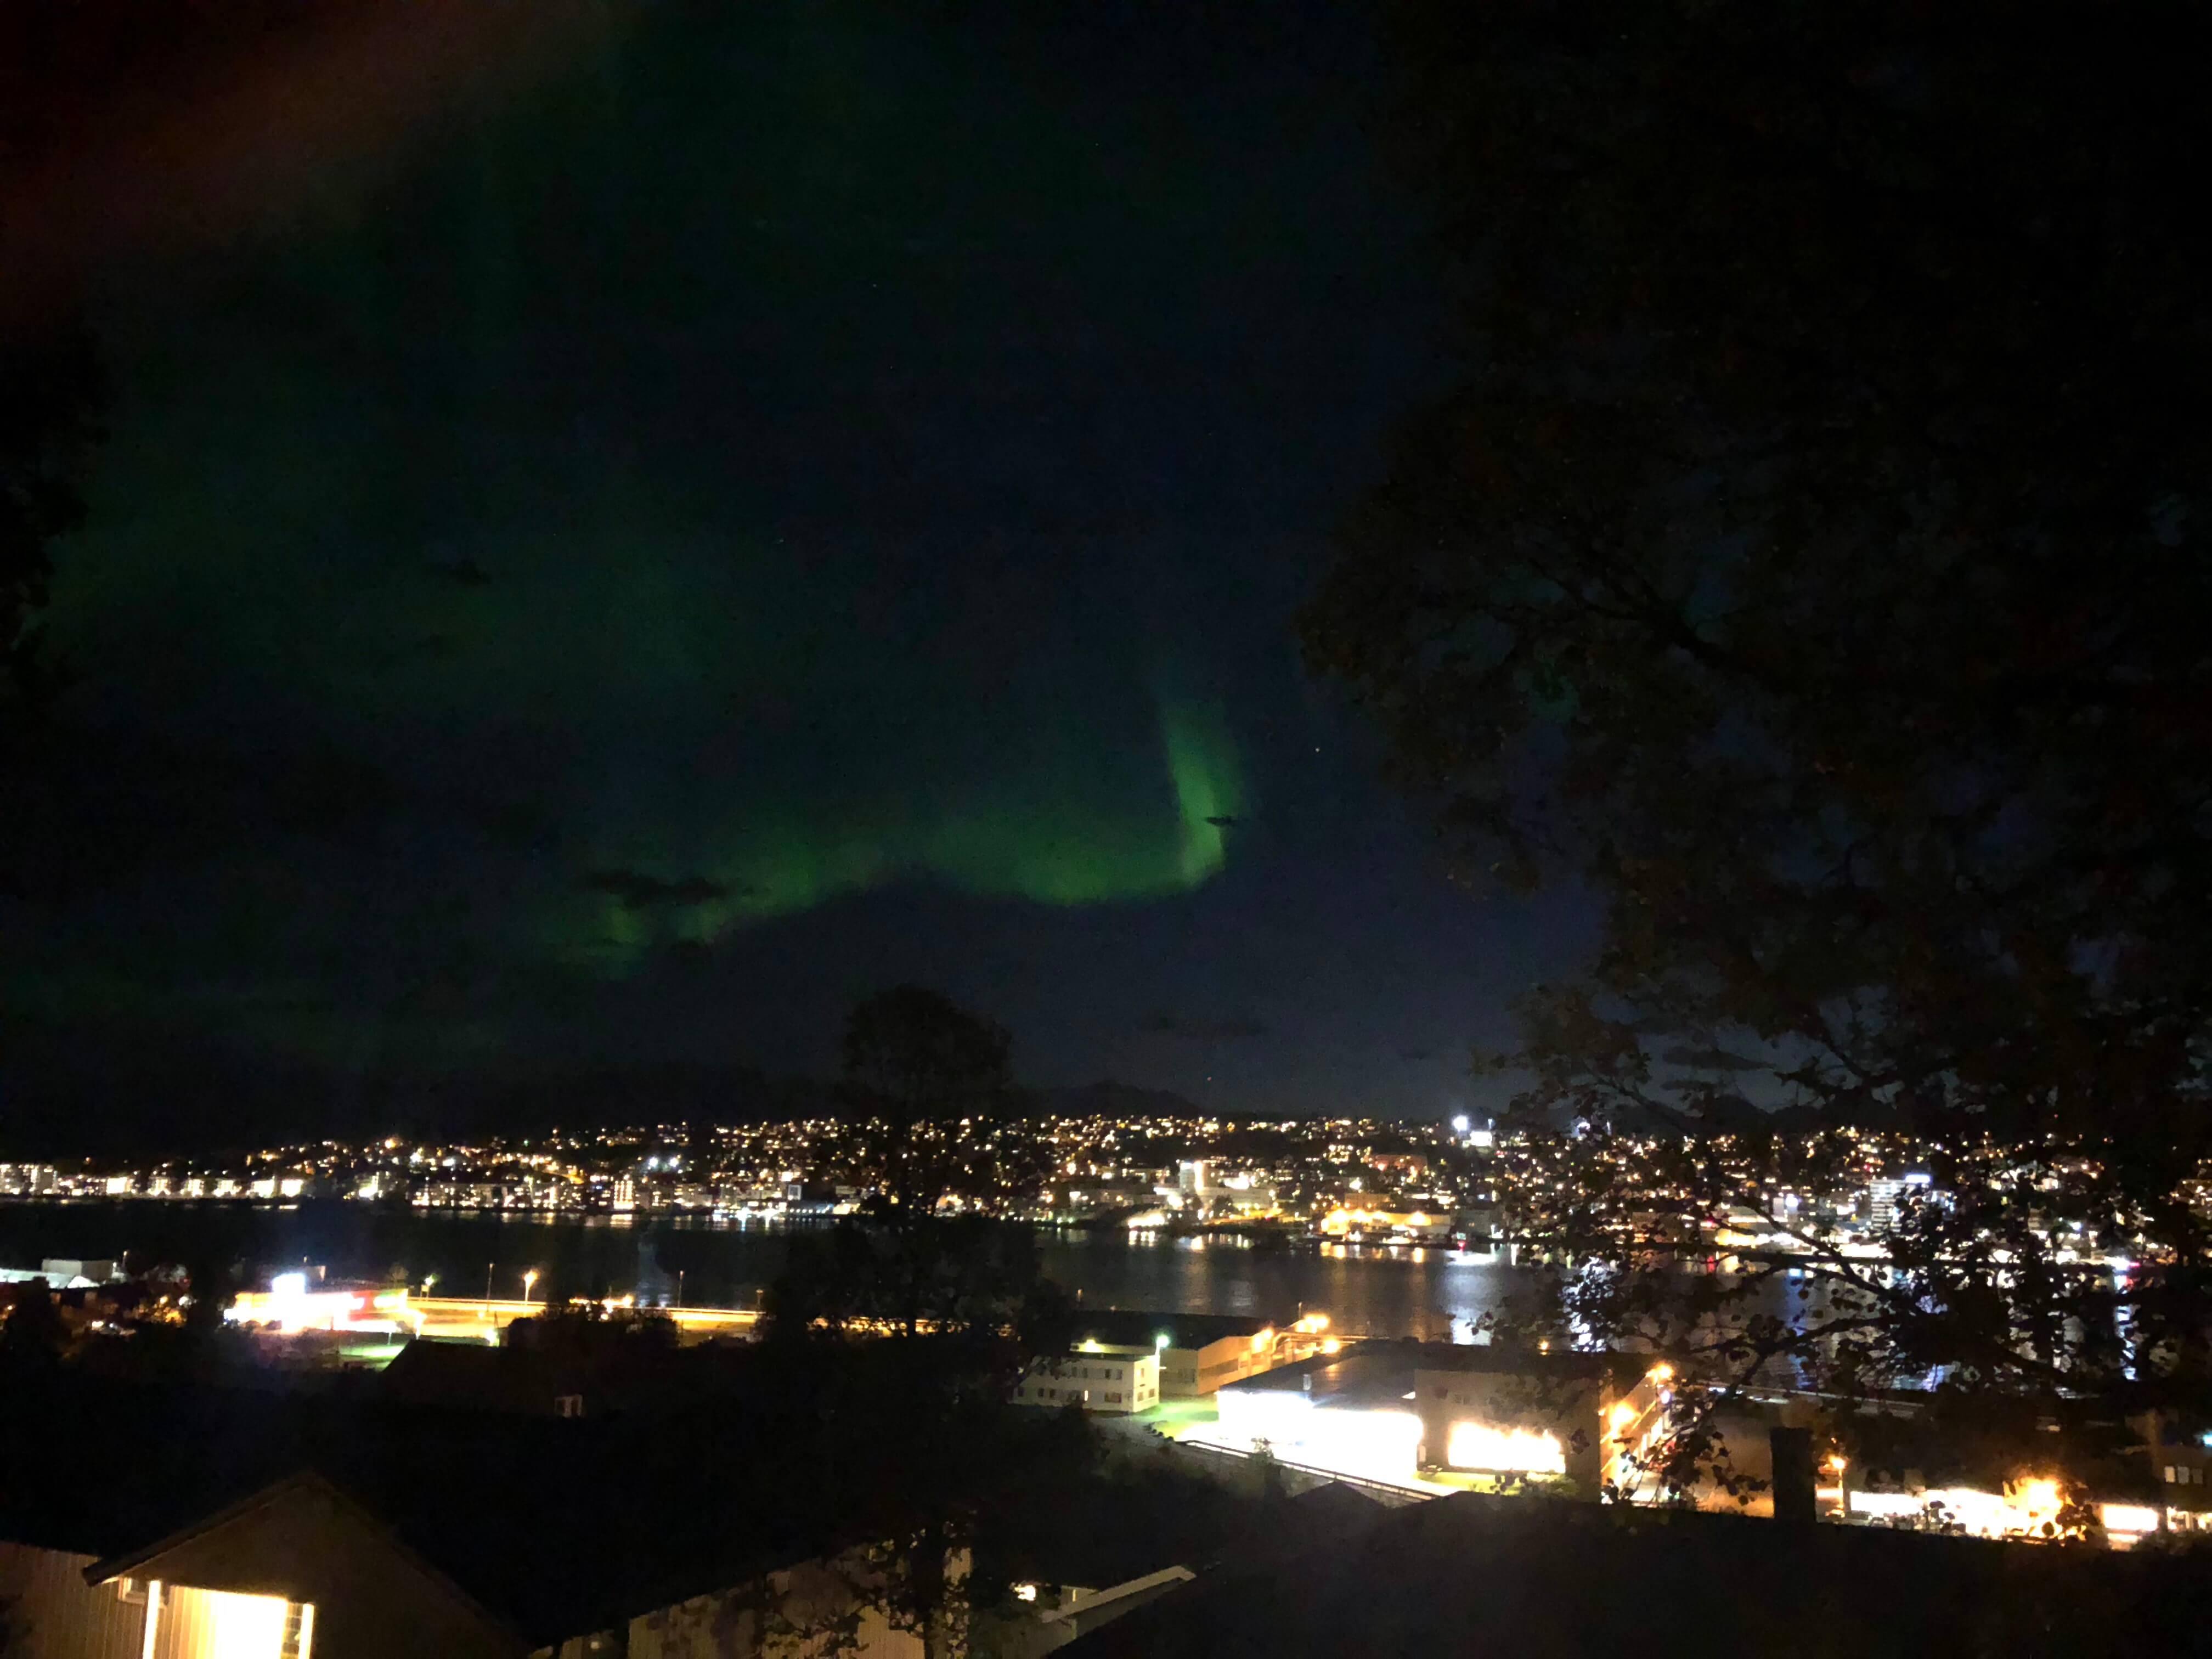 ノルウェー トロムソで9月にオーロラは見られるのか?! 実際に行って確かめてみた